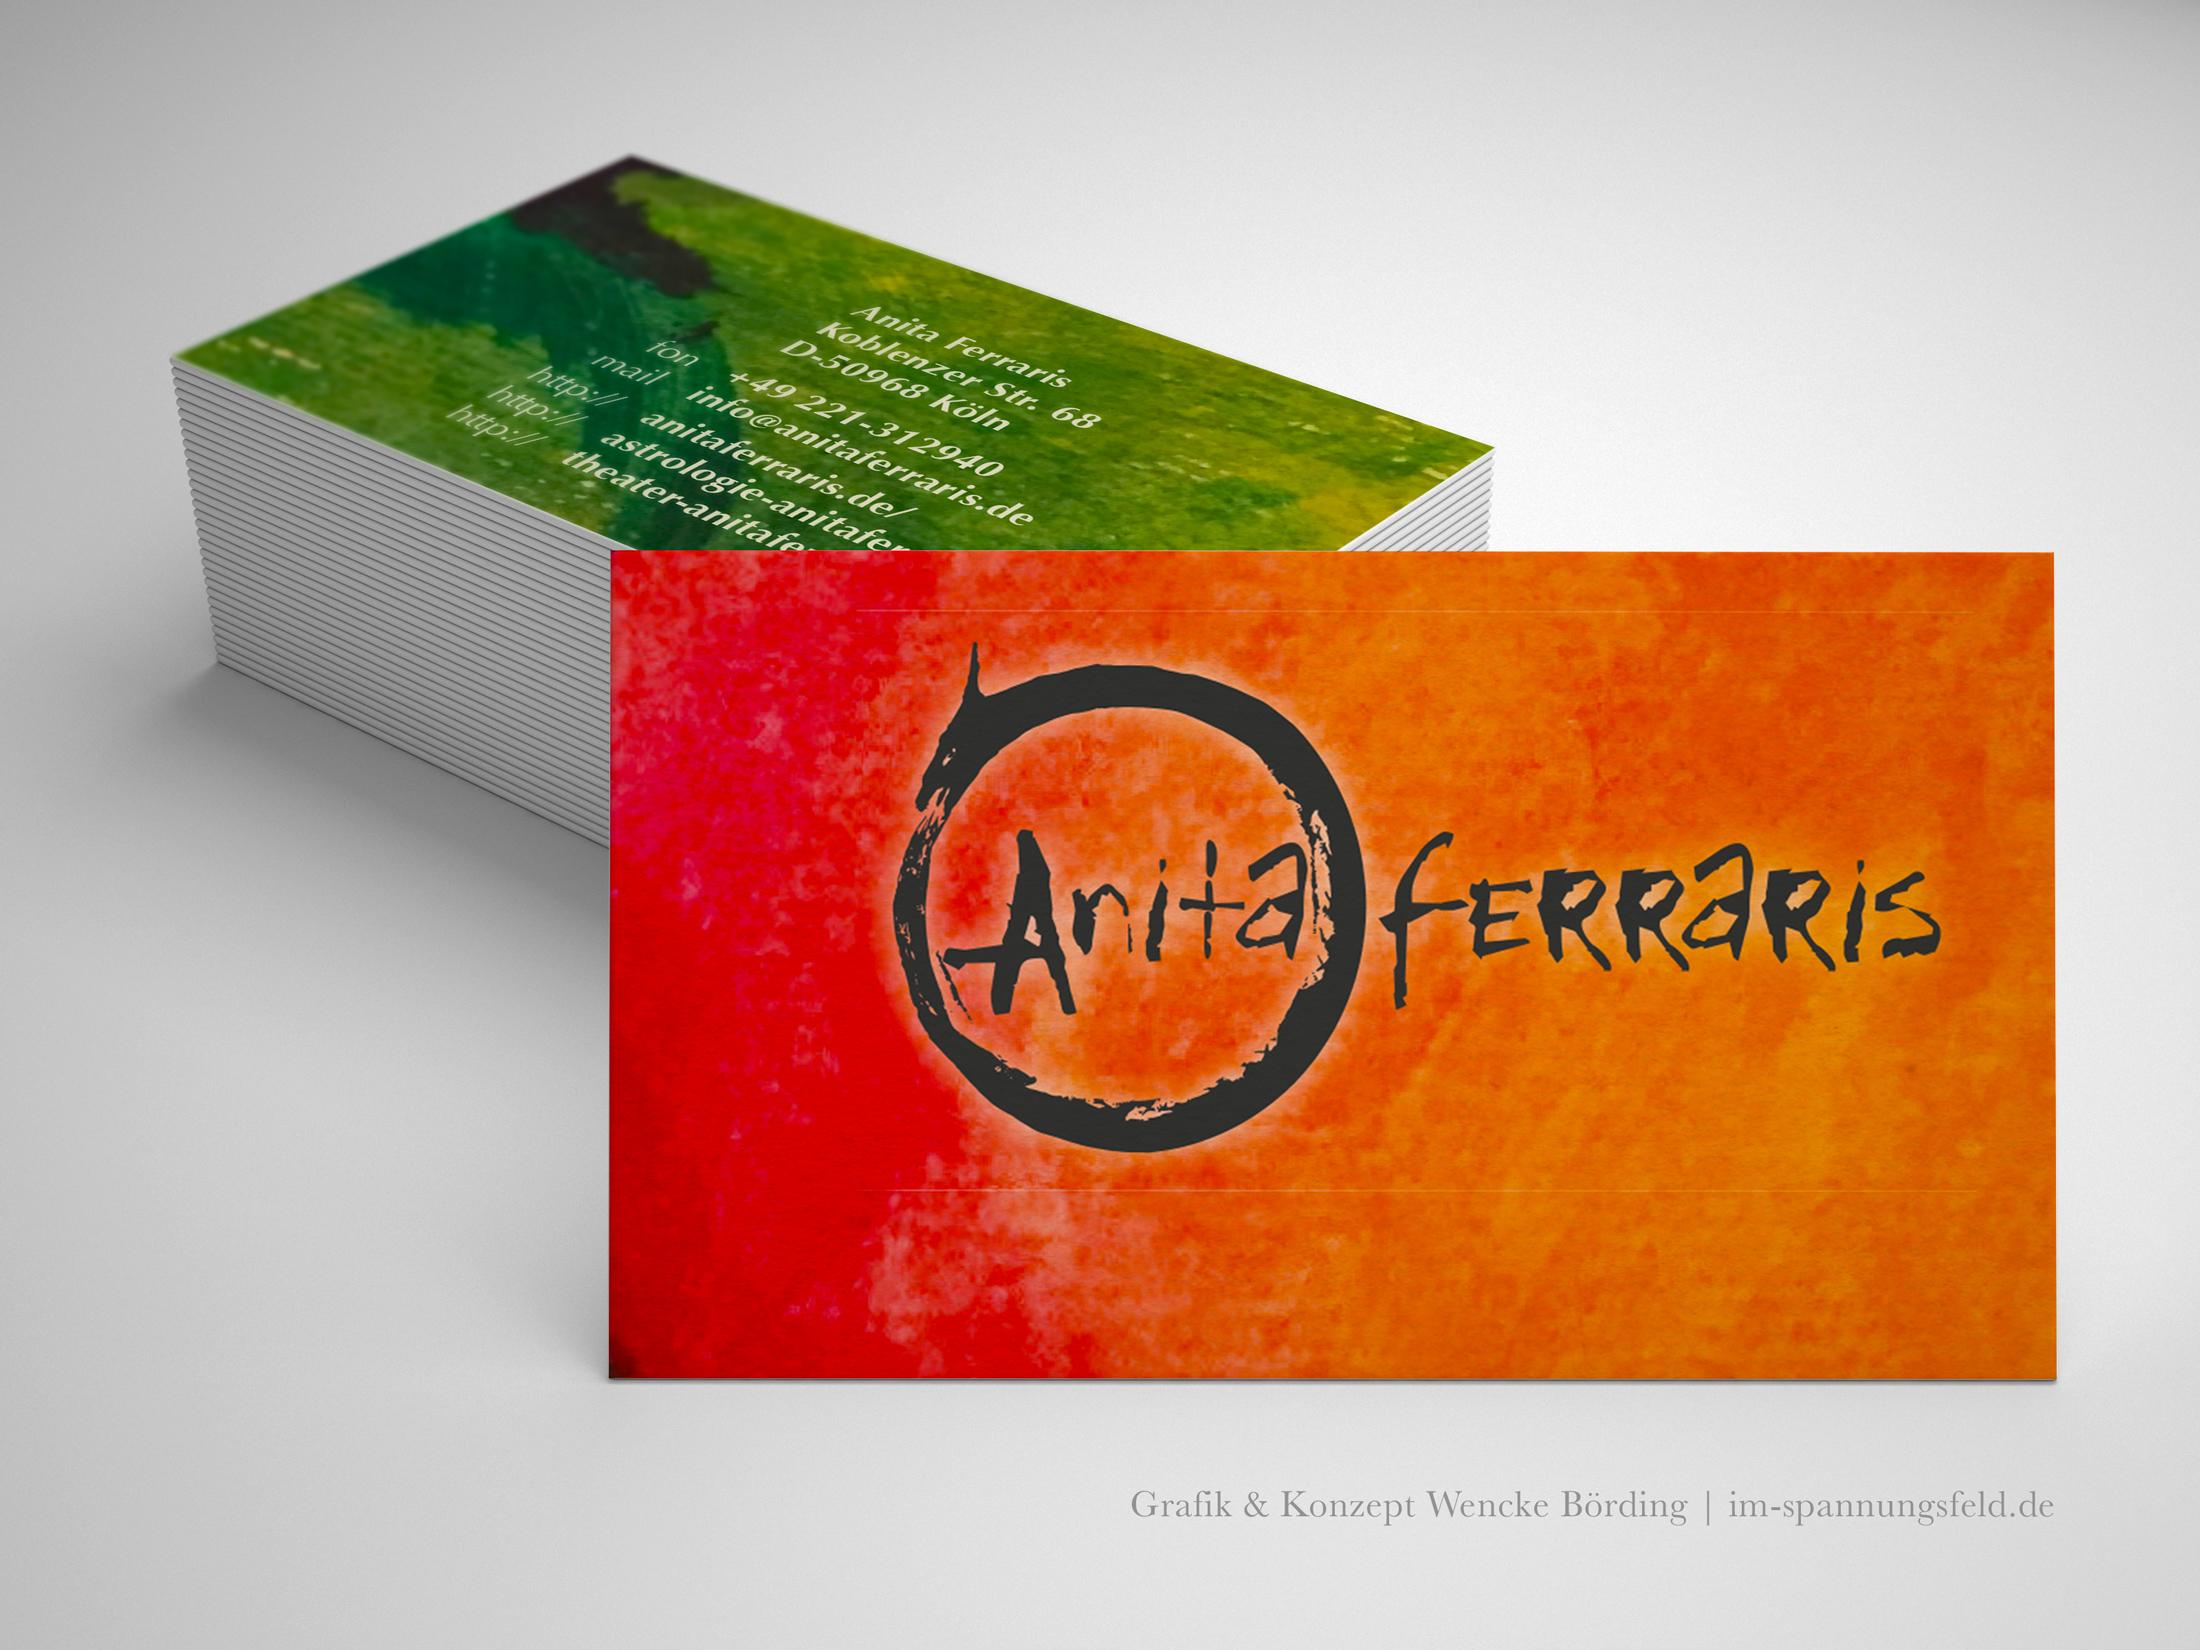 grafikdesign-Visitenkartendesign-AnitaFerraris